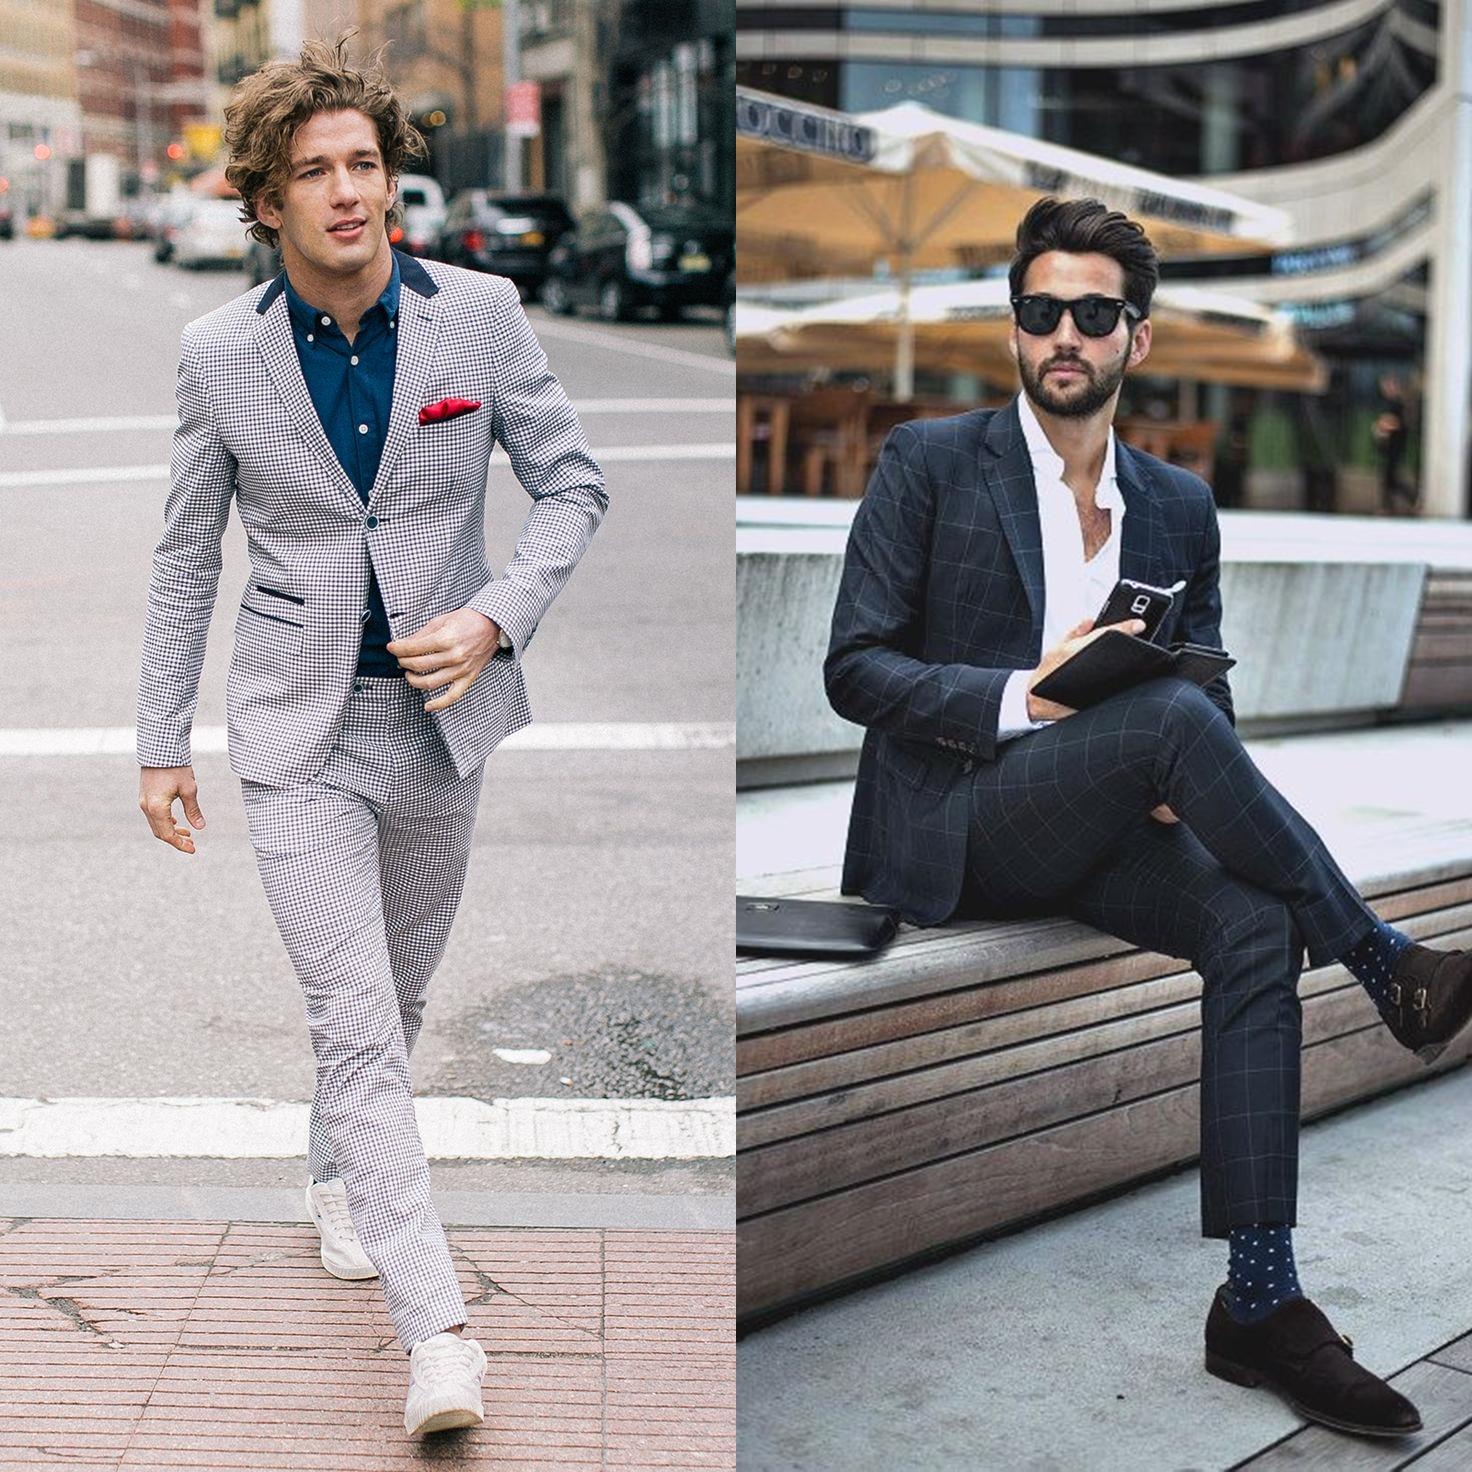 tendencia 2015, tendencia masculina, moda masculina, alex cursino, blog de moda, moda sem censura, trends, fashion tips, dicas de moda, dicas de estilo, style, mens, 4